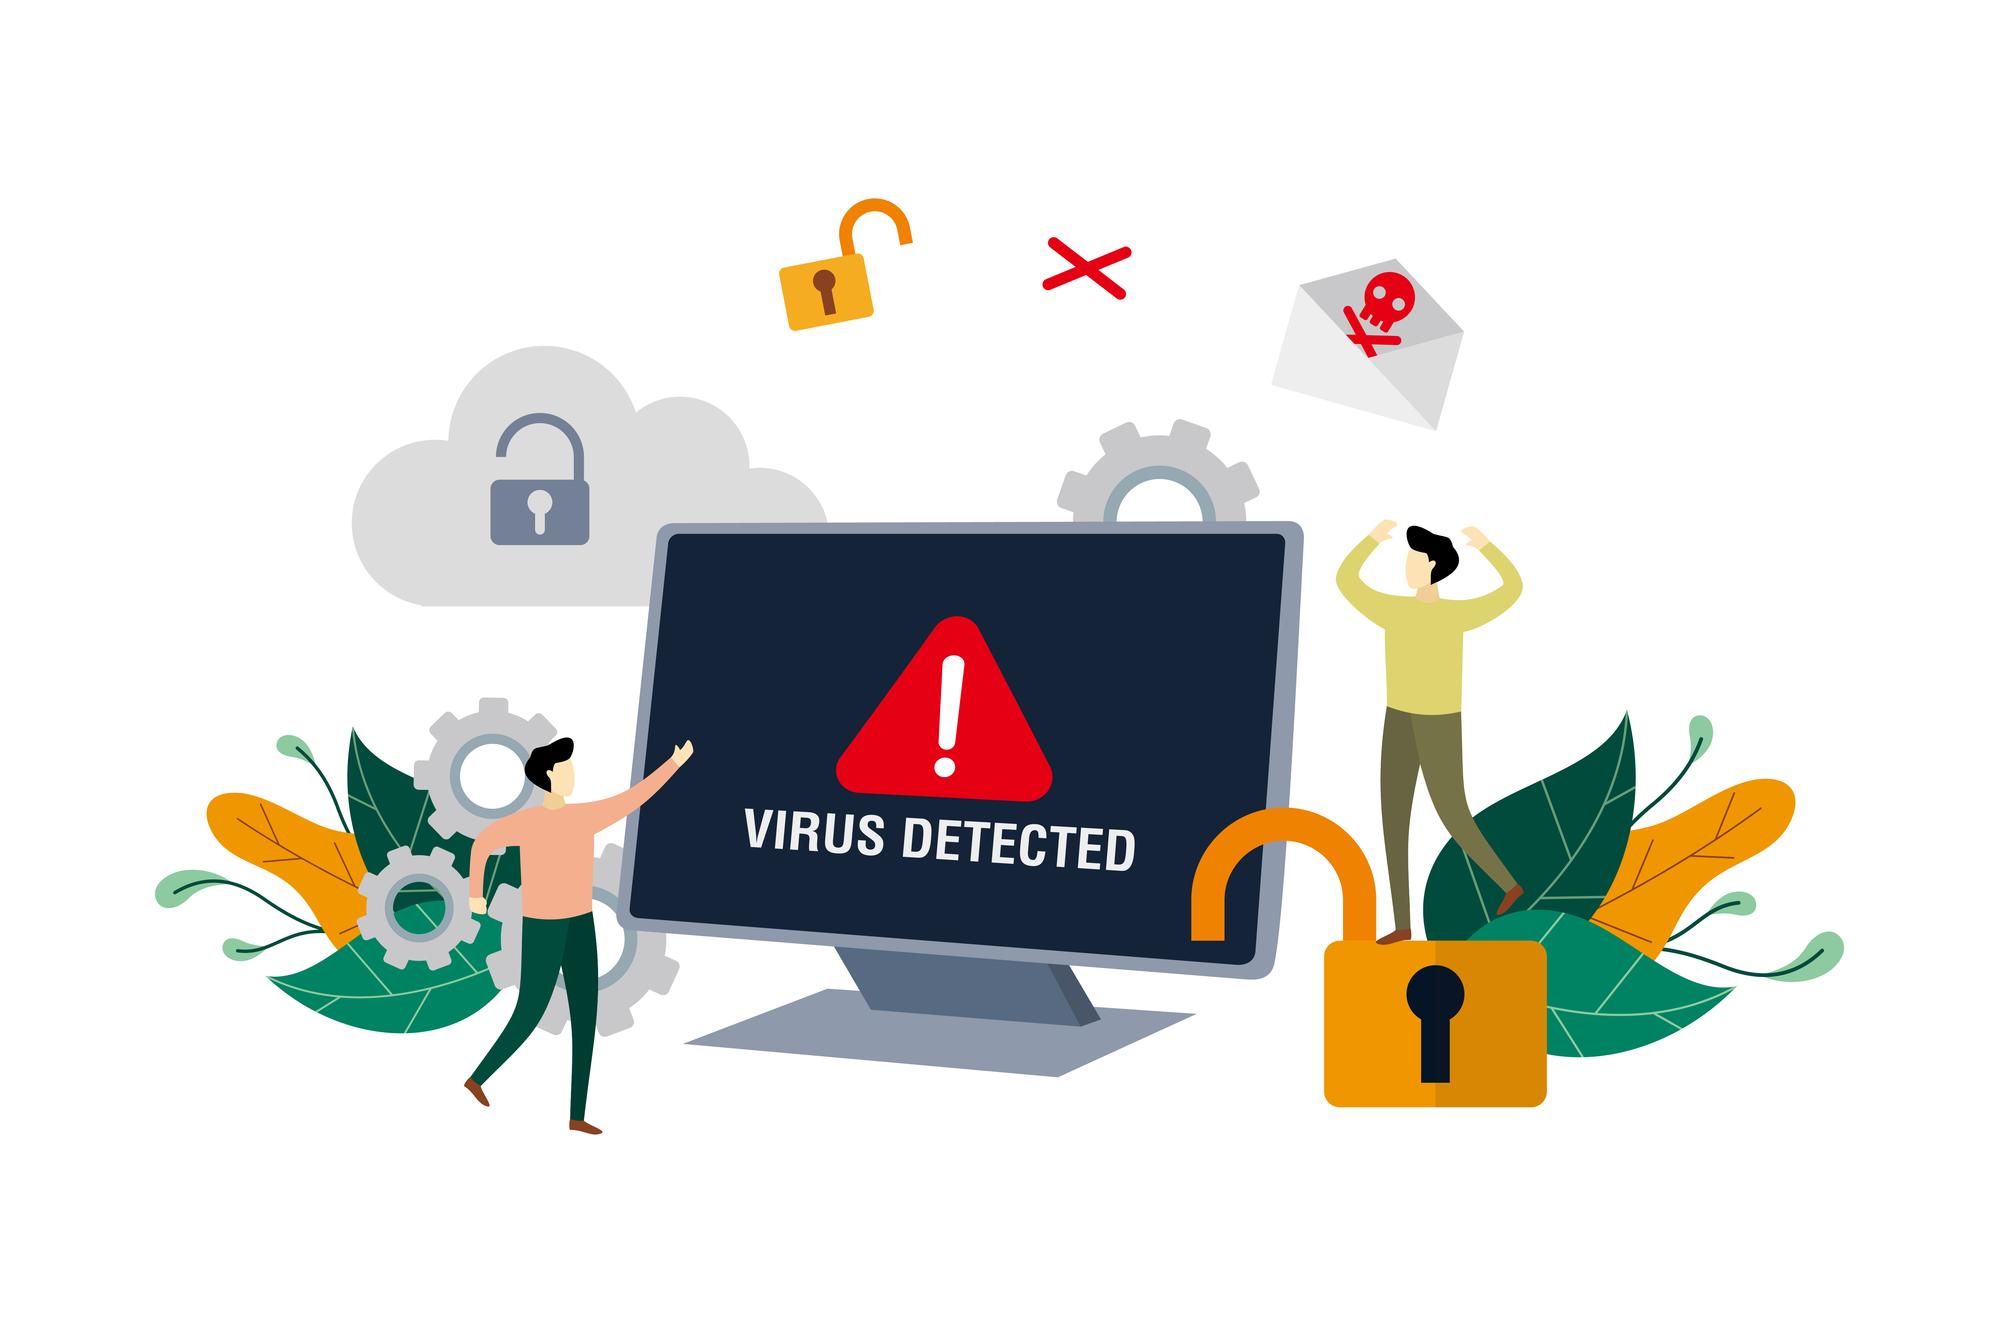 Wirus dołącza się do jakiegoś innego pliku hosta